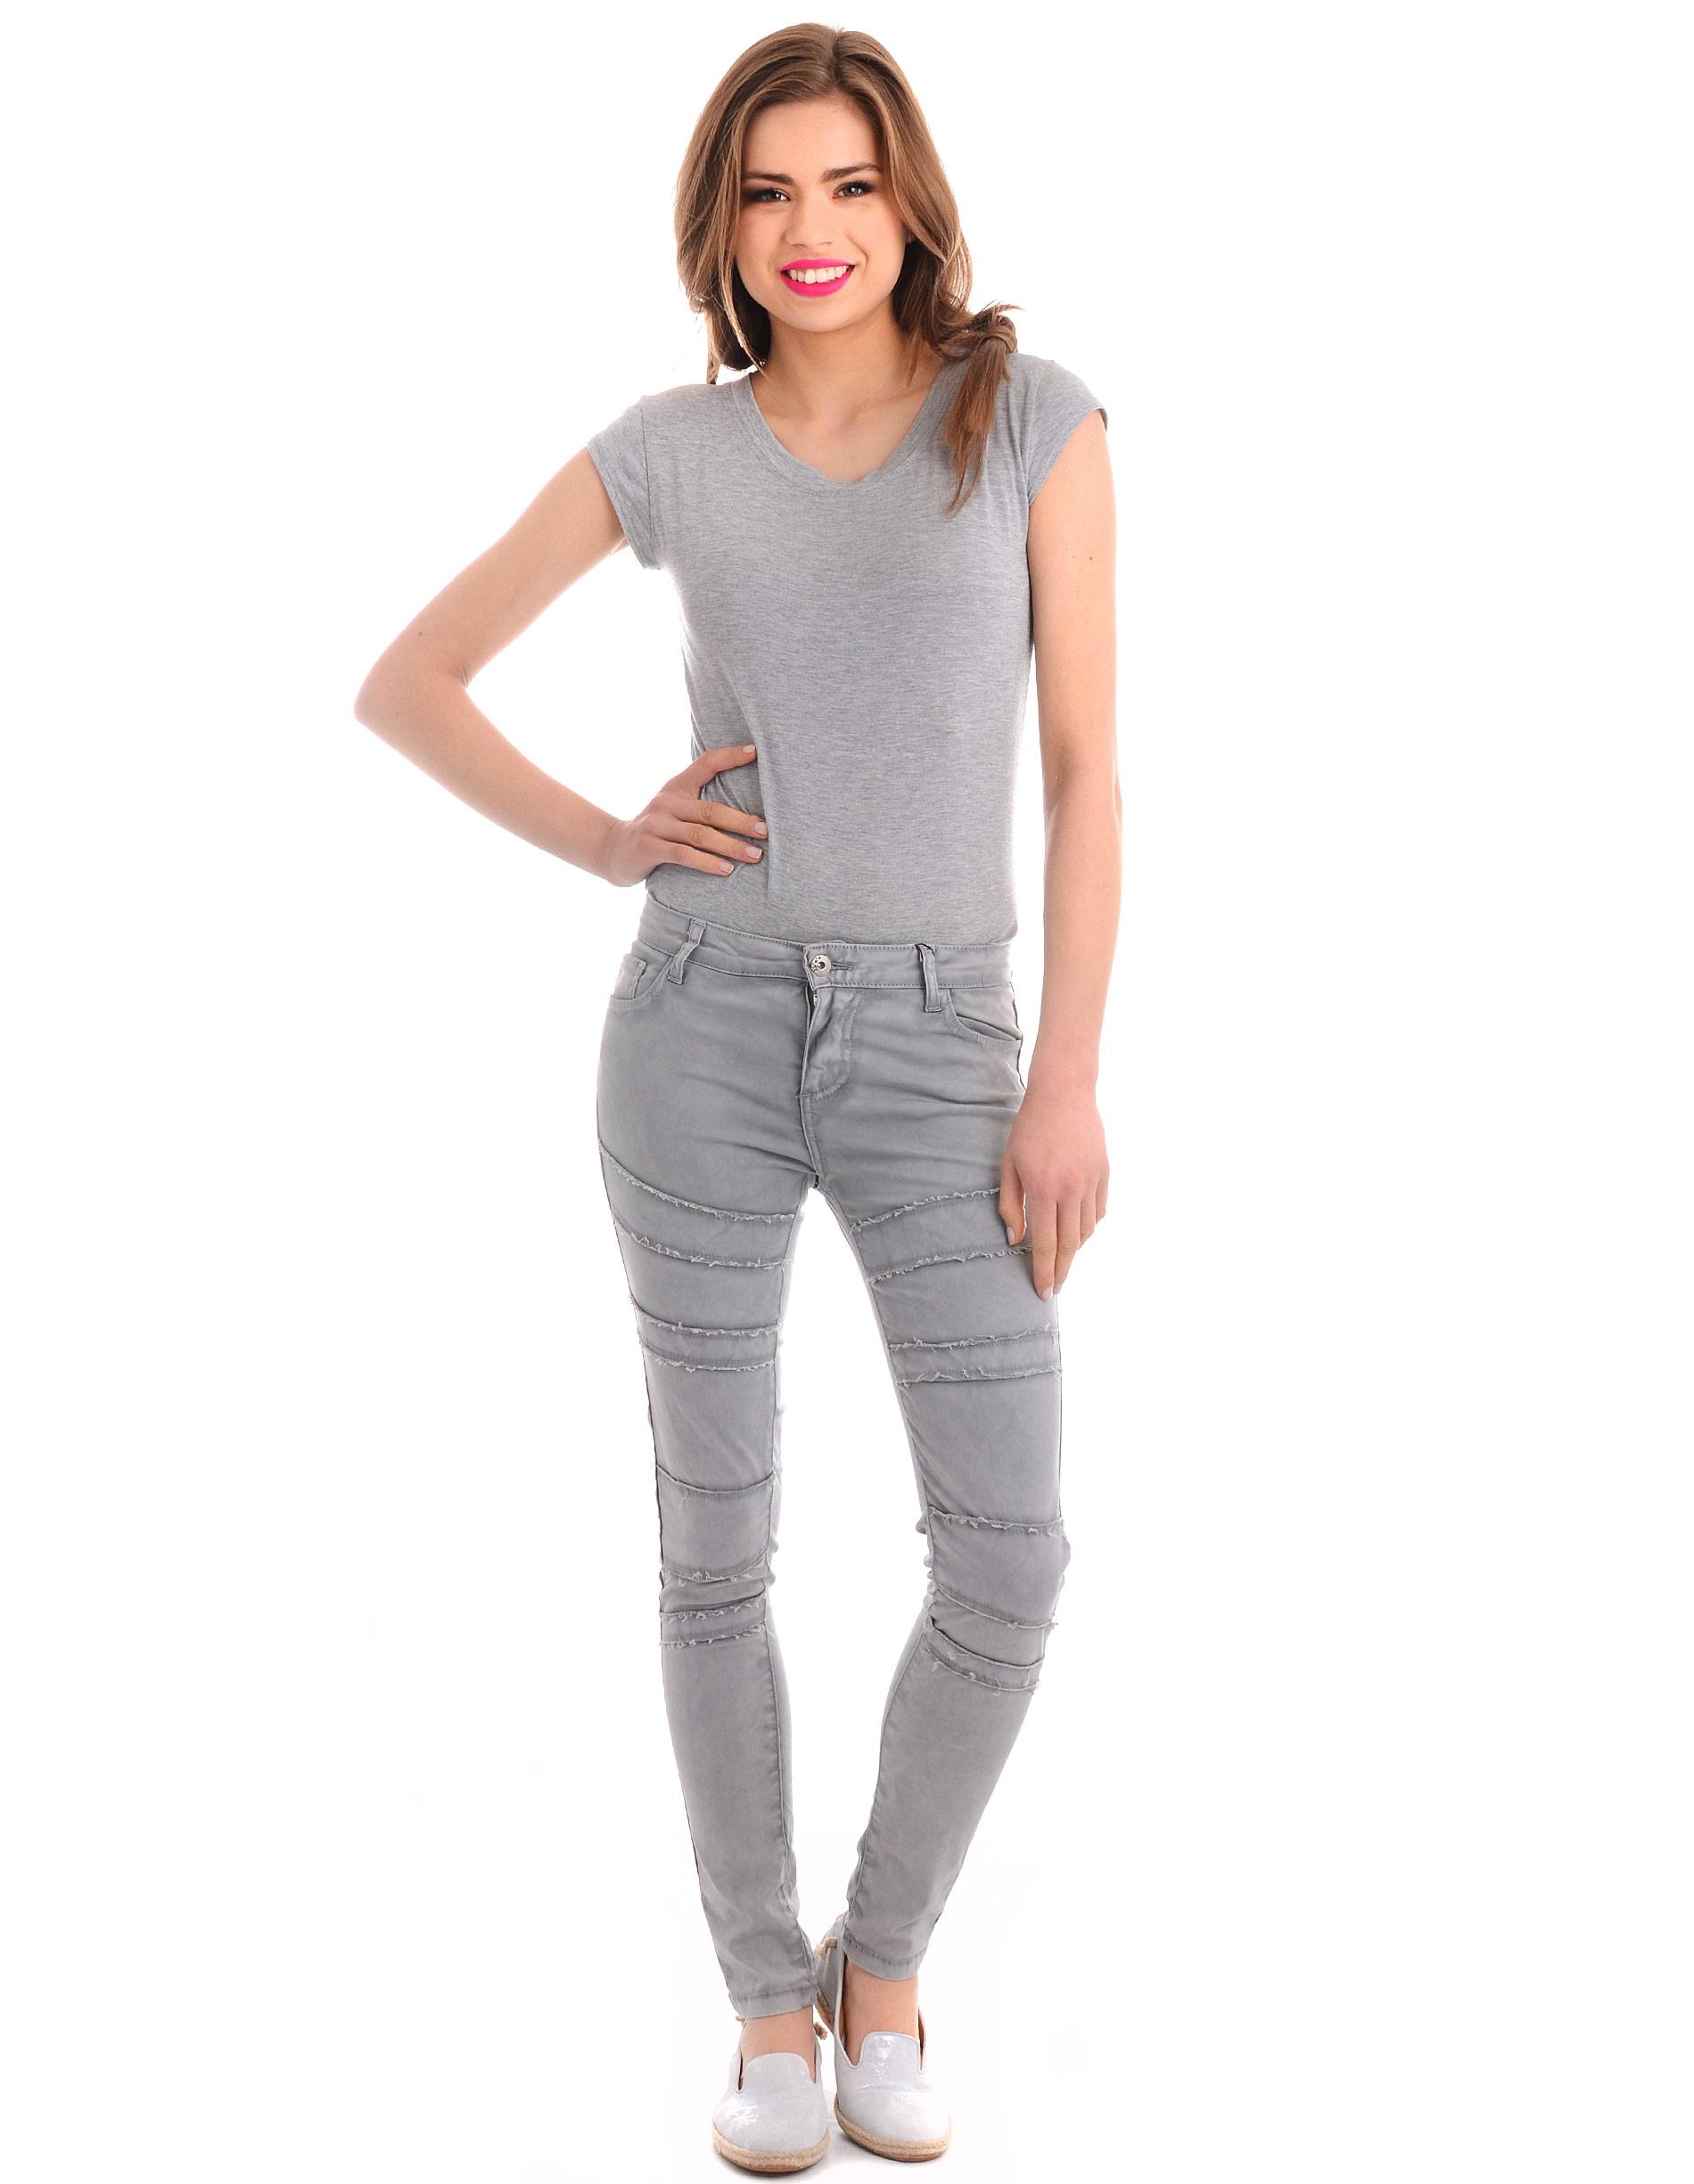 Spodnie - 102-1030 GRCH - Unisono